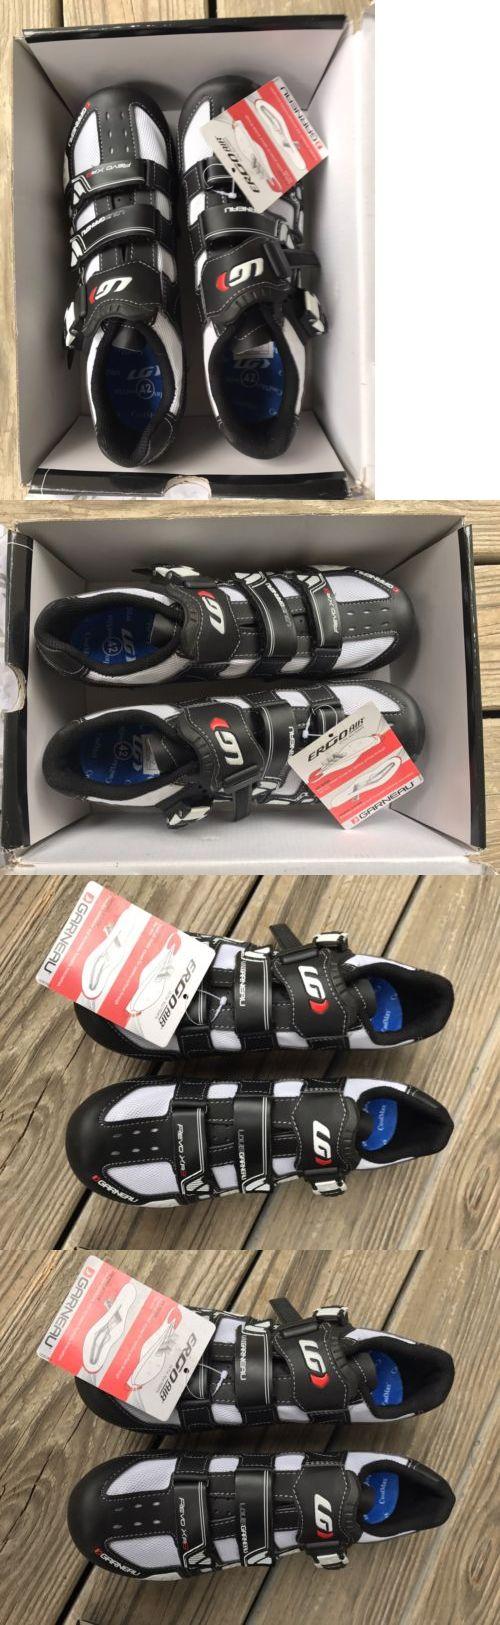 Women 158987: Louis Garneau Revo Xr3 Cycling Spin Shoe Size 42 10 New W Tags Black Women S -> BUY IT NOW ONLY: $49.99 on eBay!